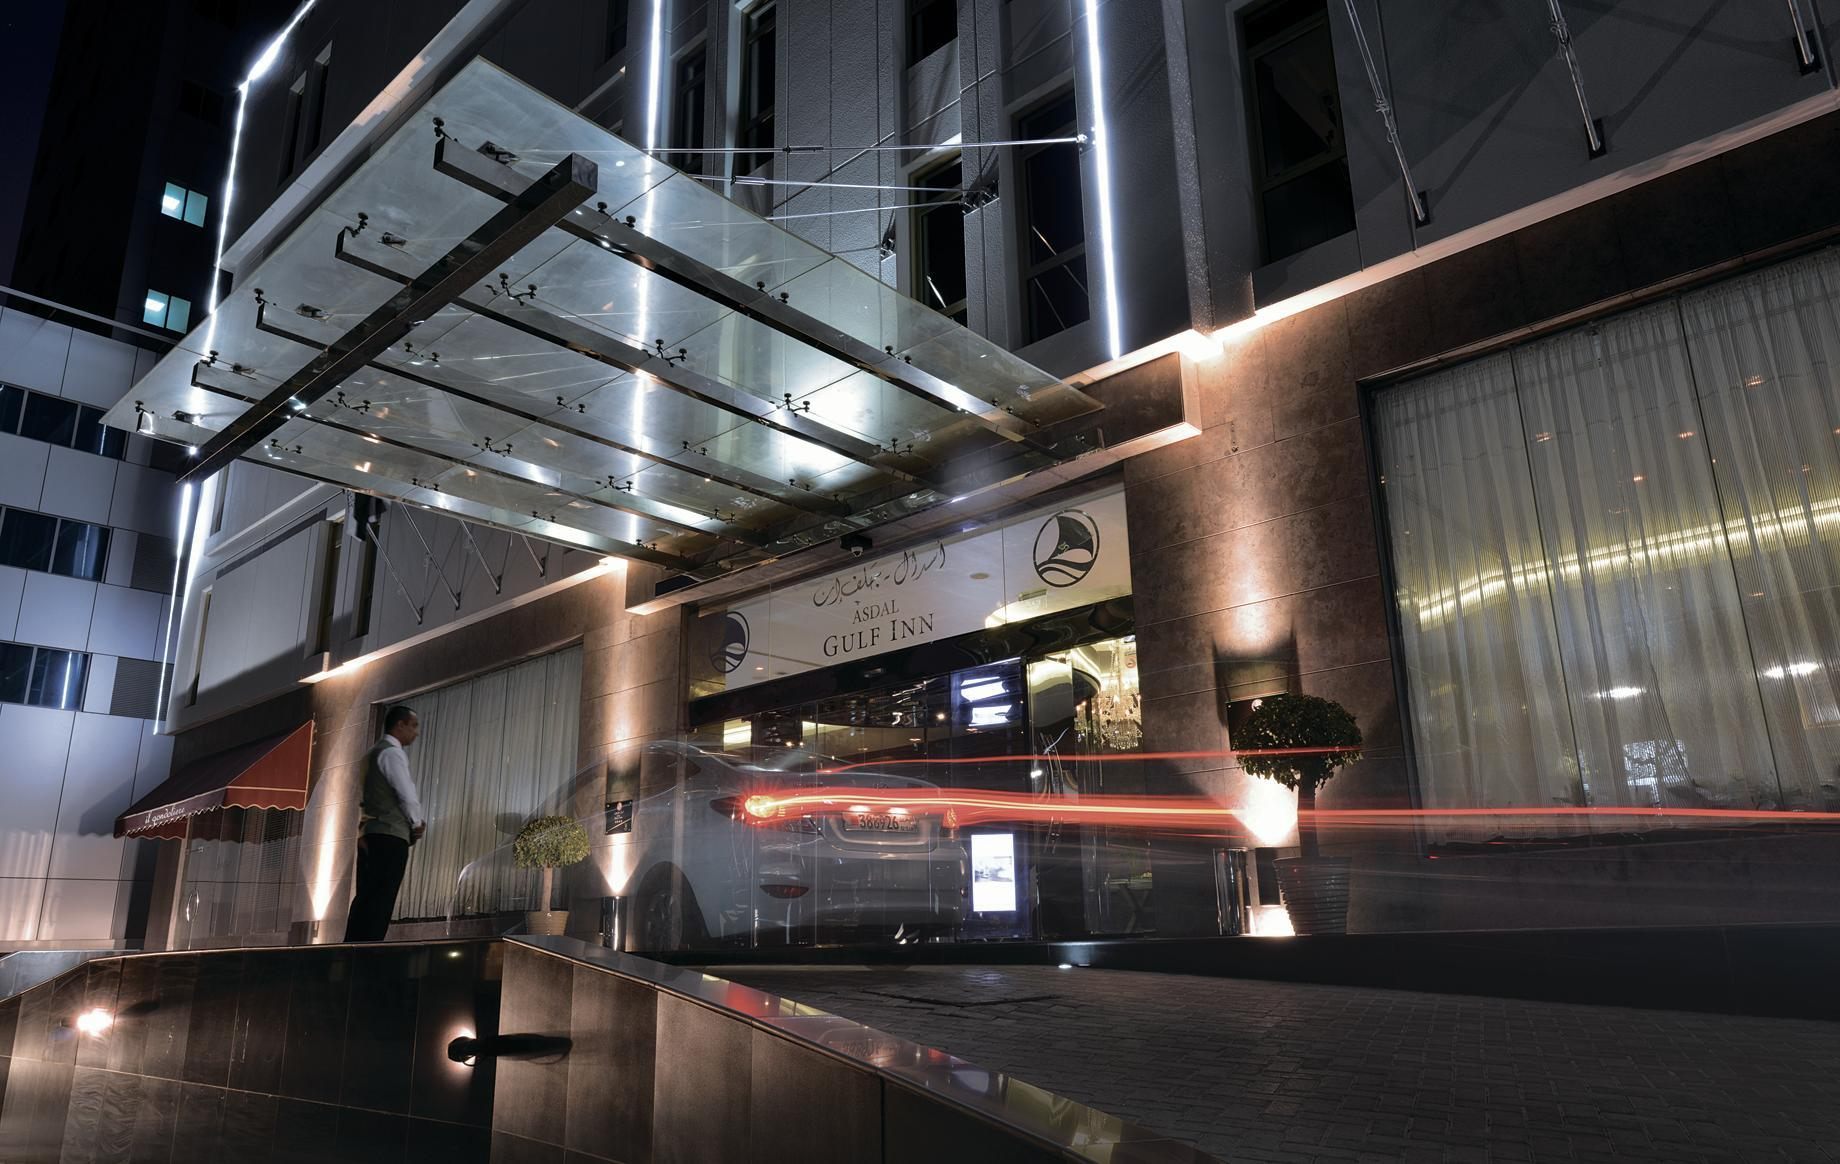 Asdal Gulf Inn Boutique Hotel Bahrain